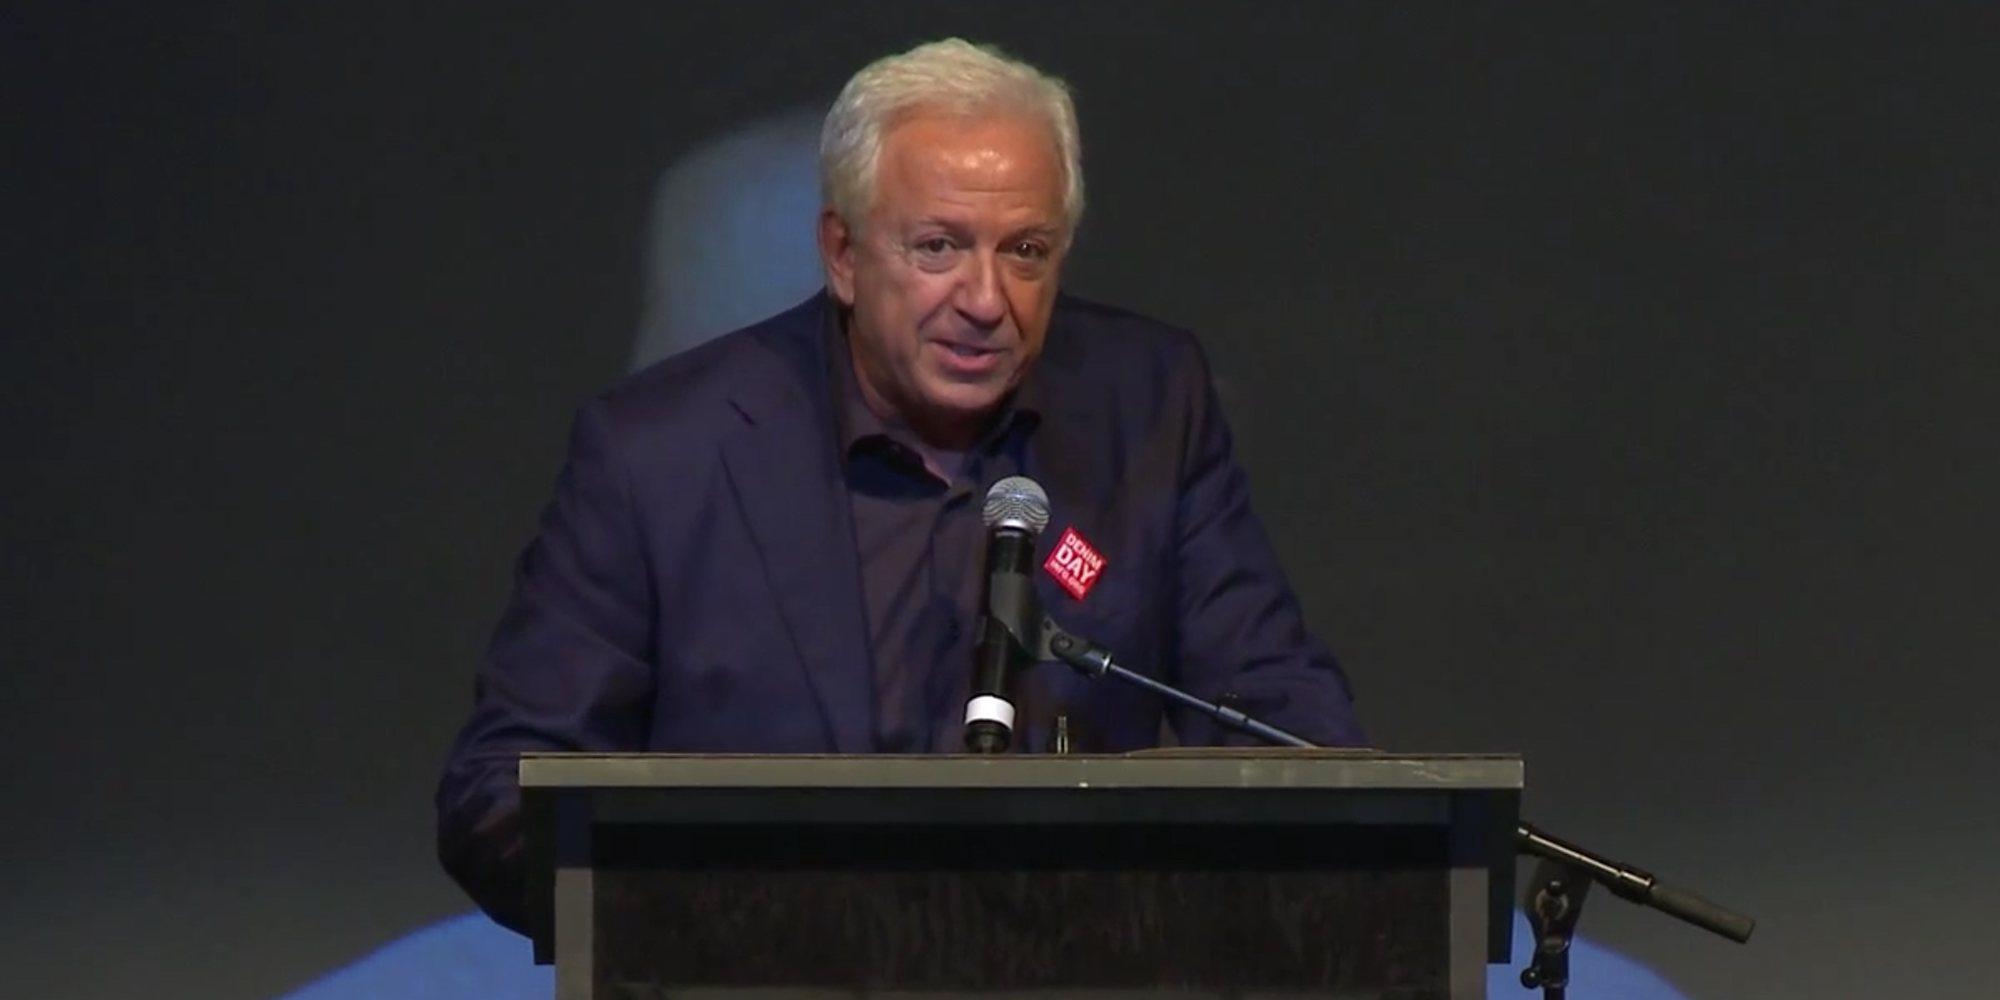 Paul Marciano, cofundador de Guess, dejará su puesto en la marca tras ser acusado de acoso y agresión sexual